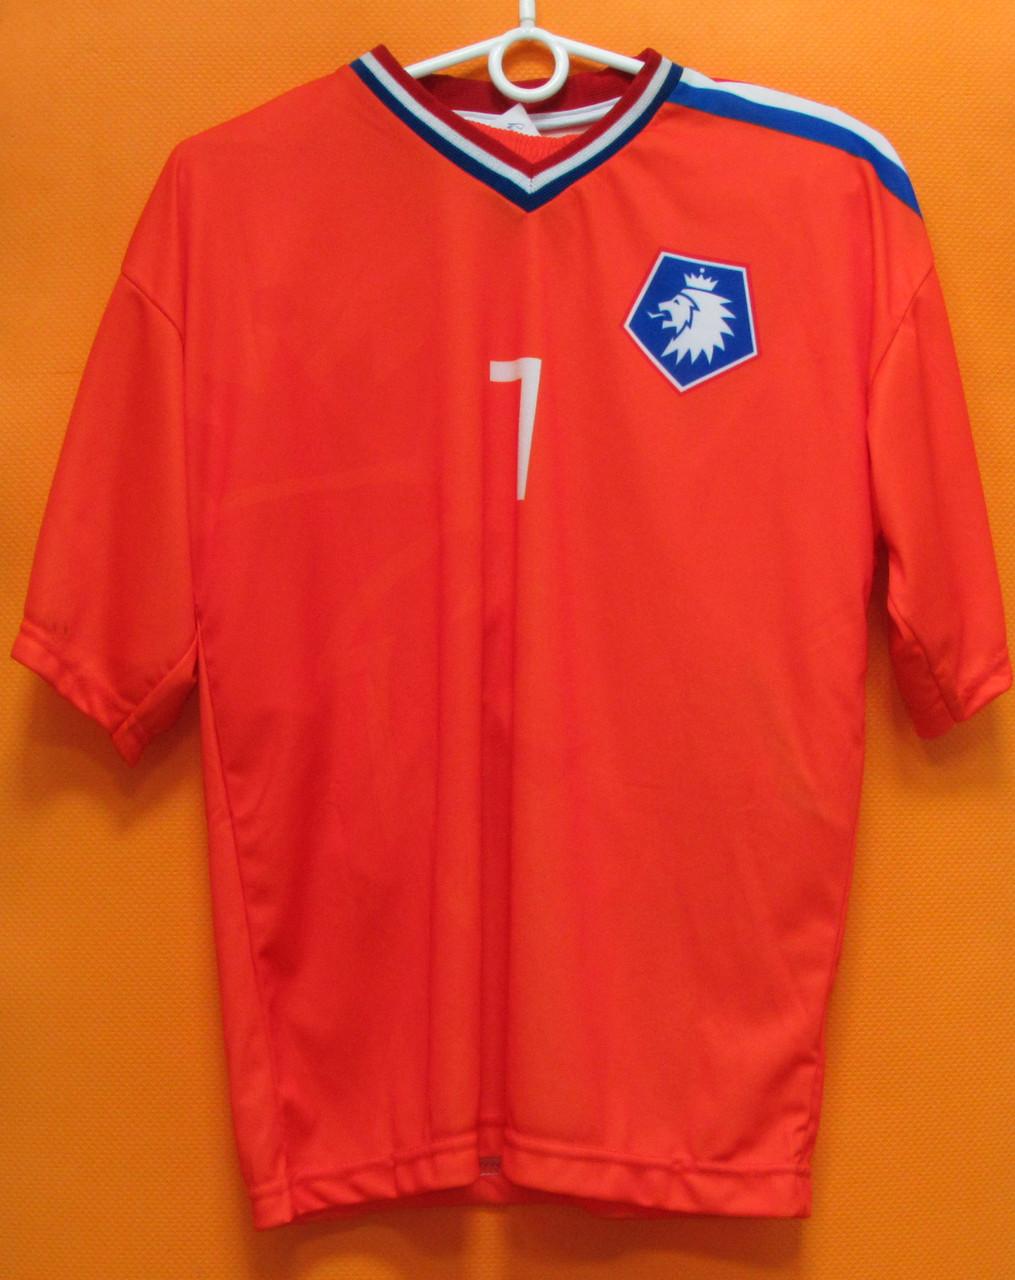 Футбольная форма сборной Голландии (Netherlands) №7 v. Persie